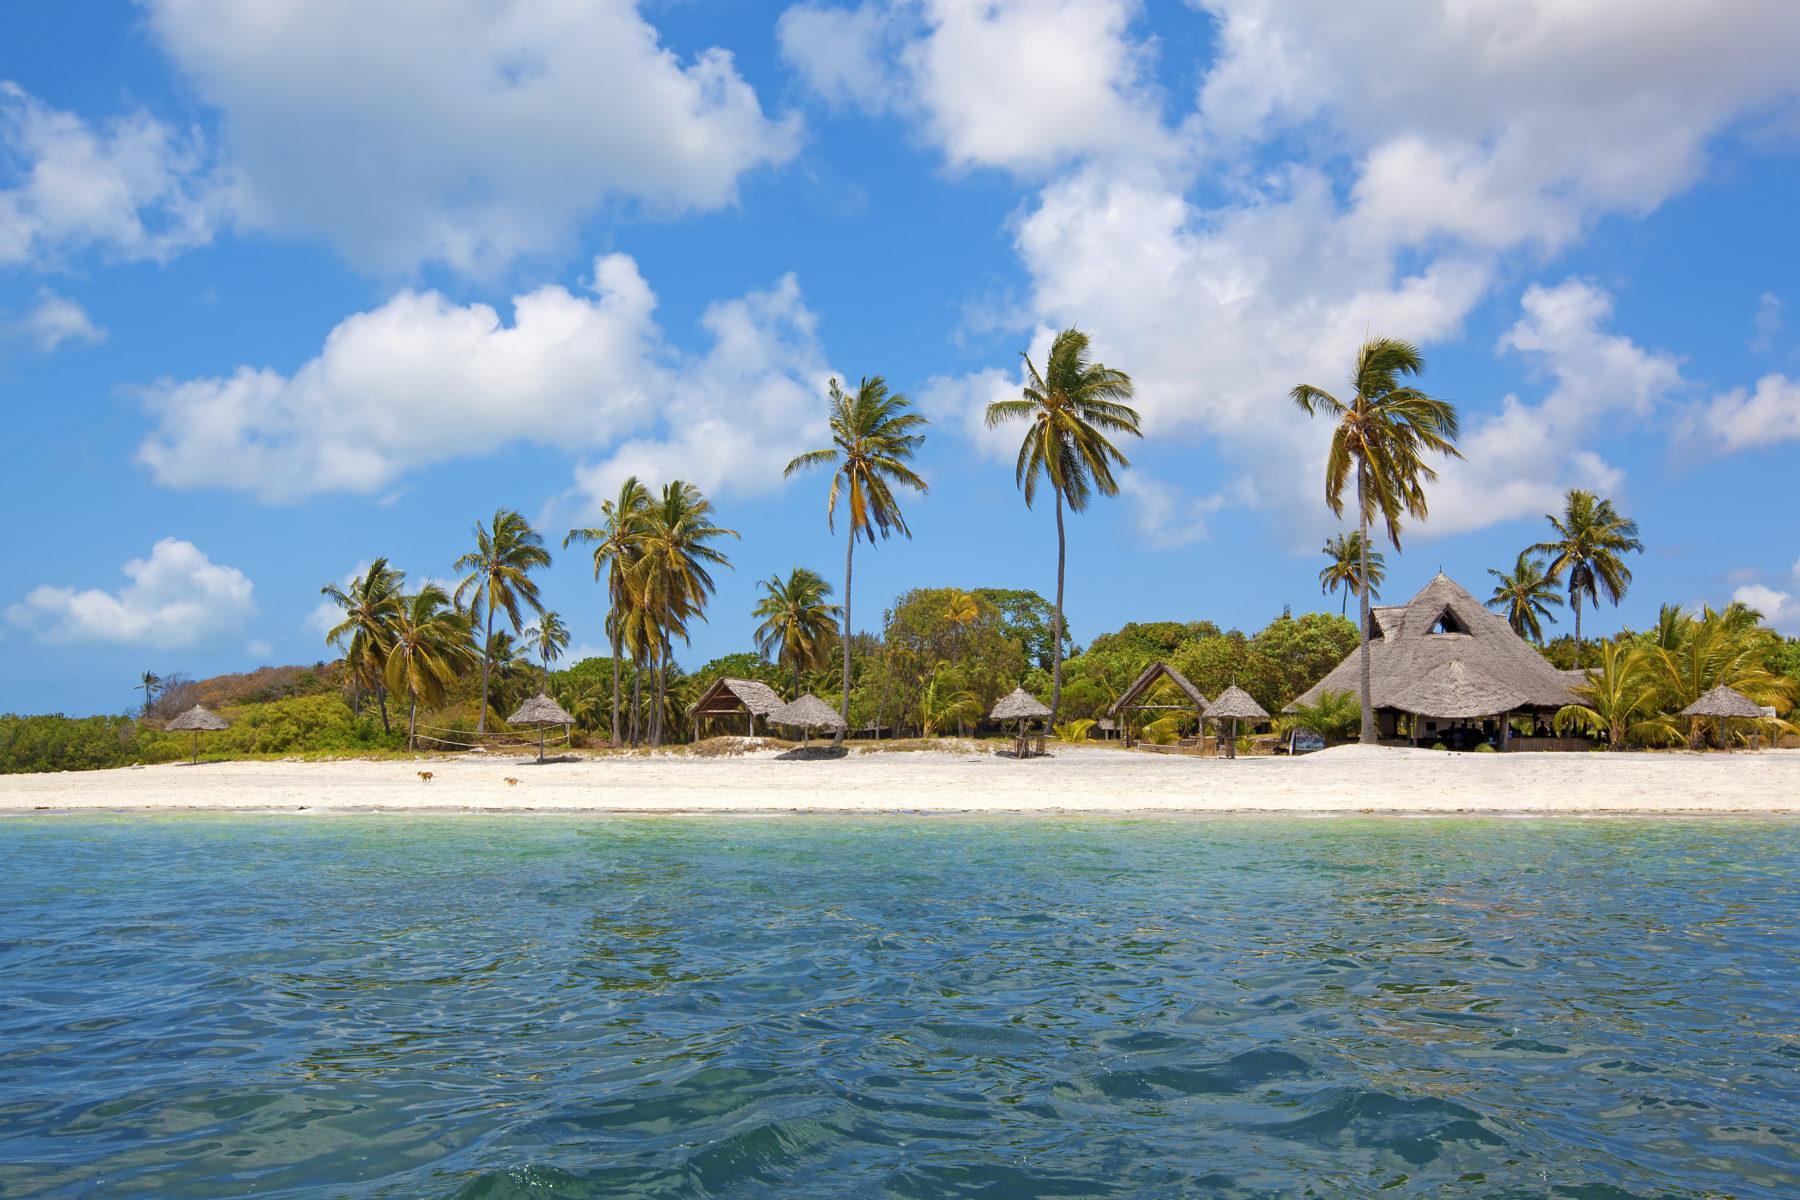 танзания занзибар пальмы пляж